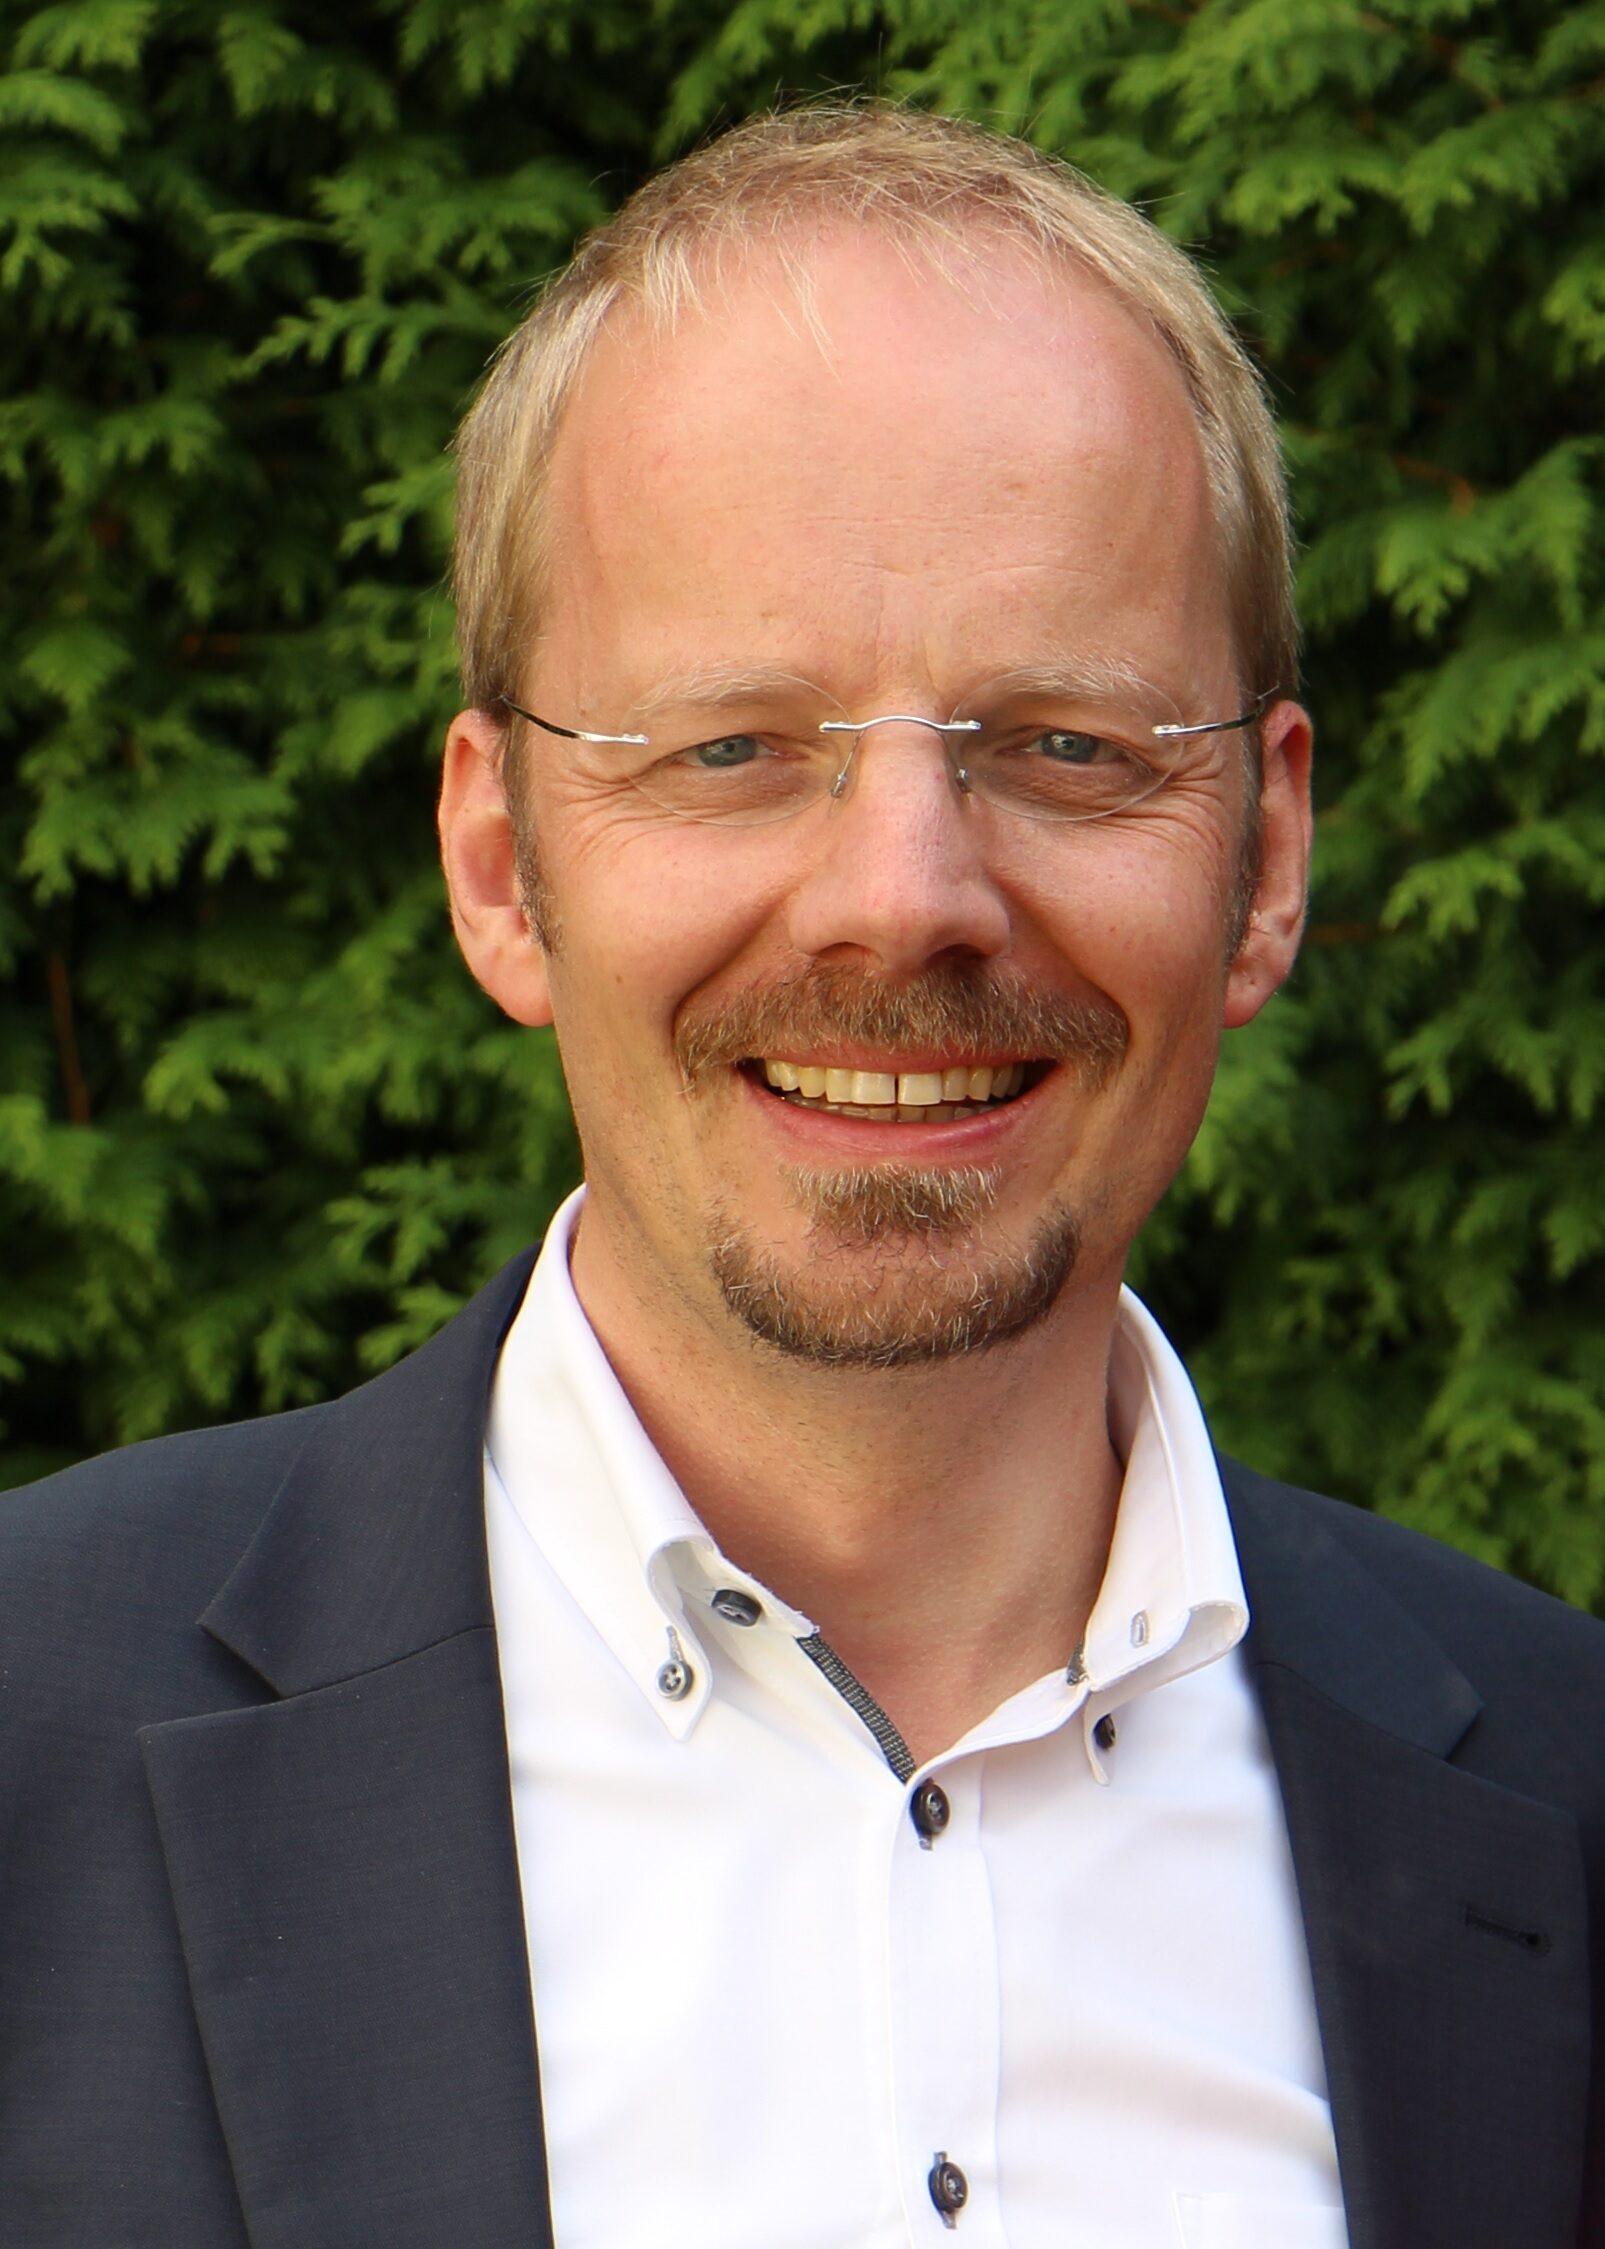 Meinolf Ramsel